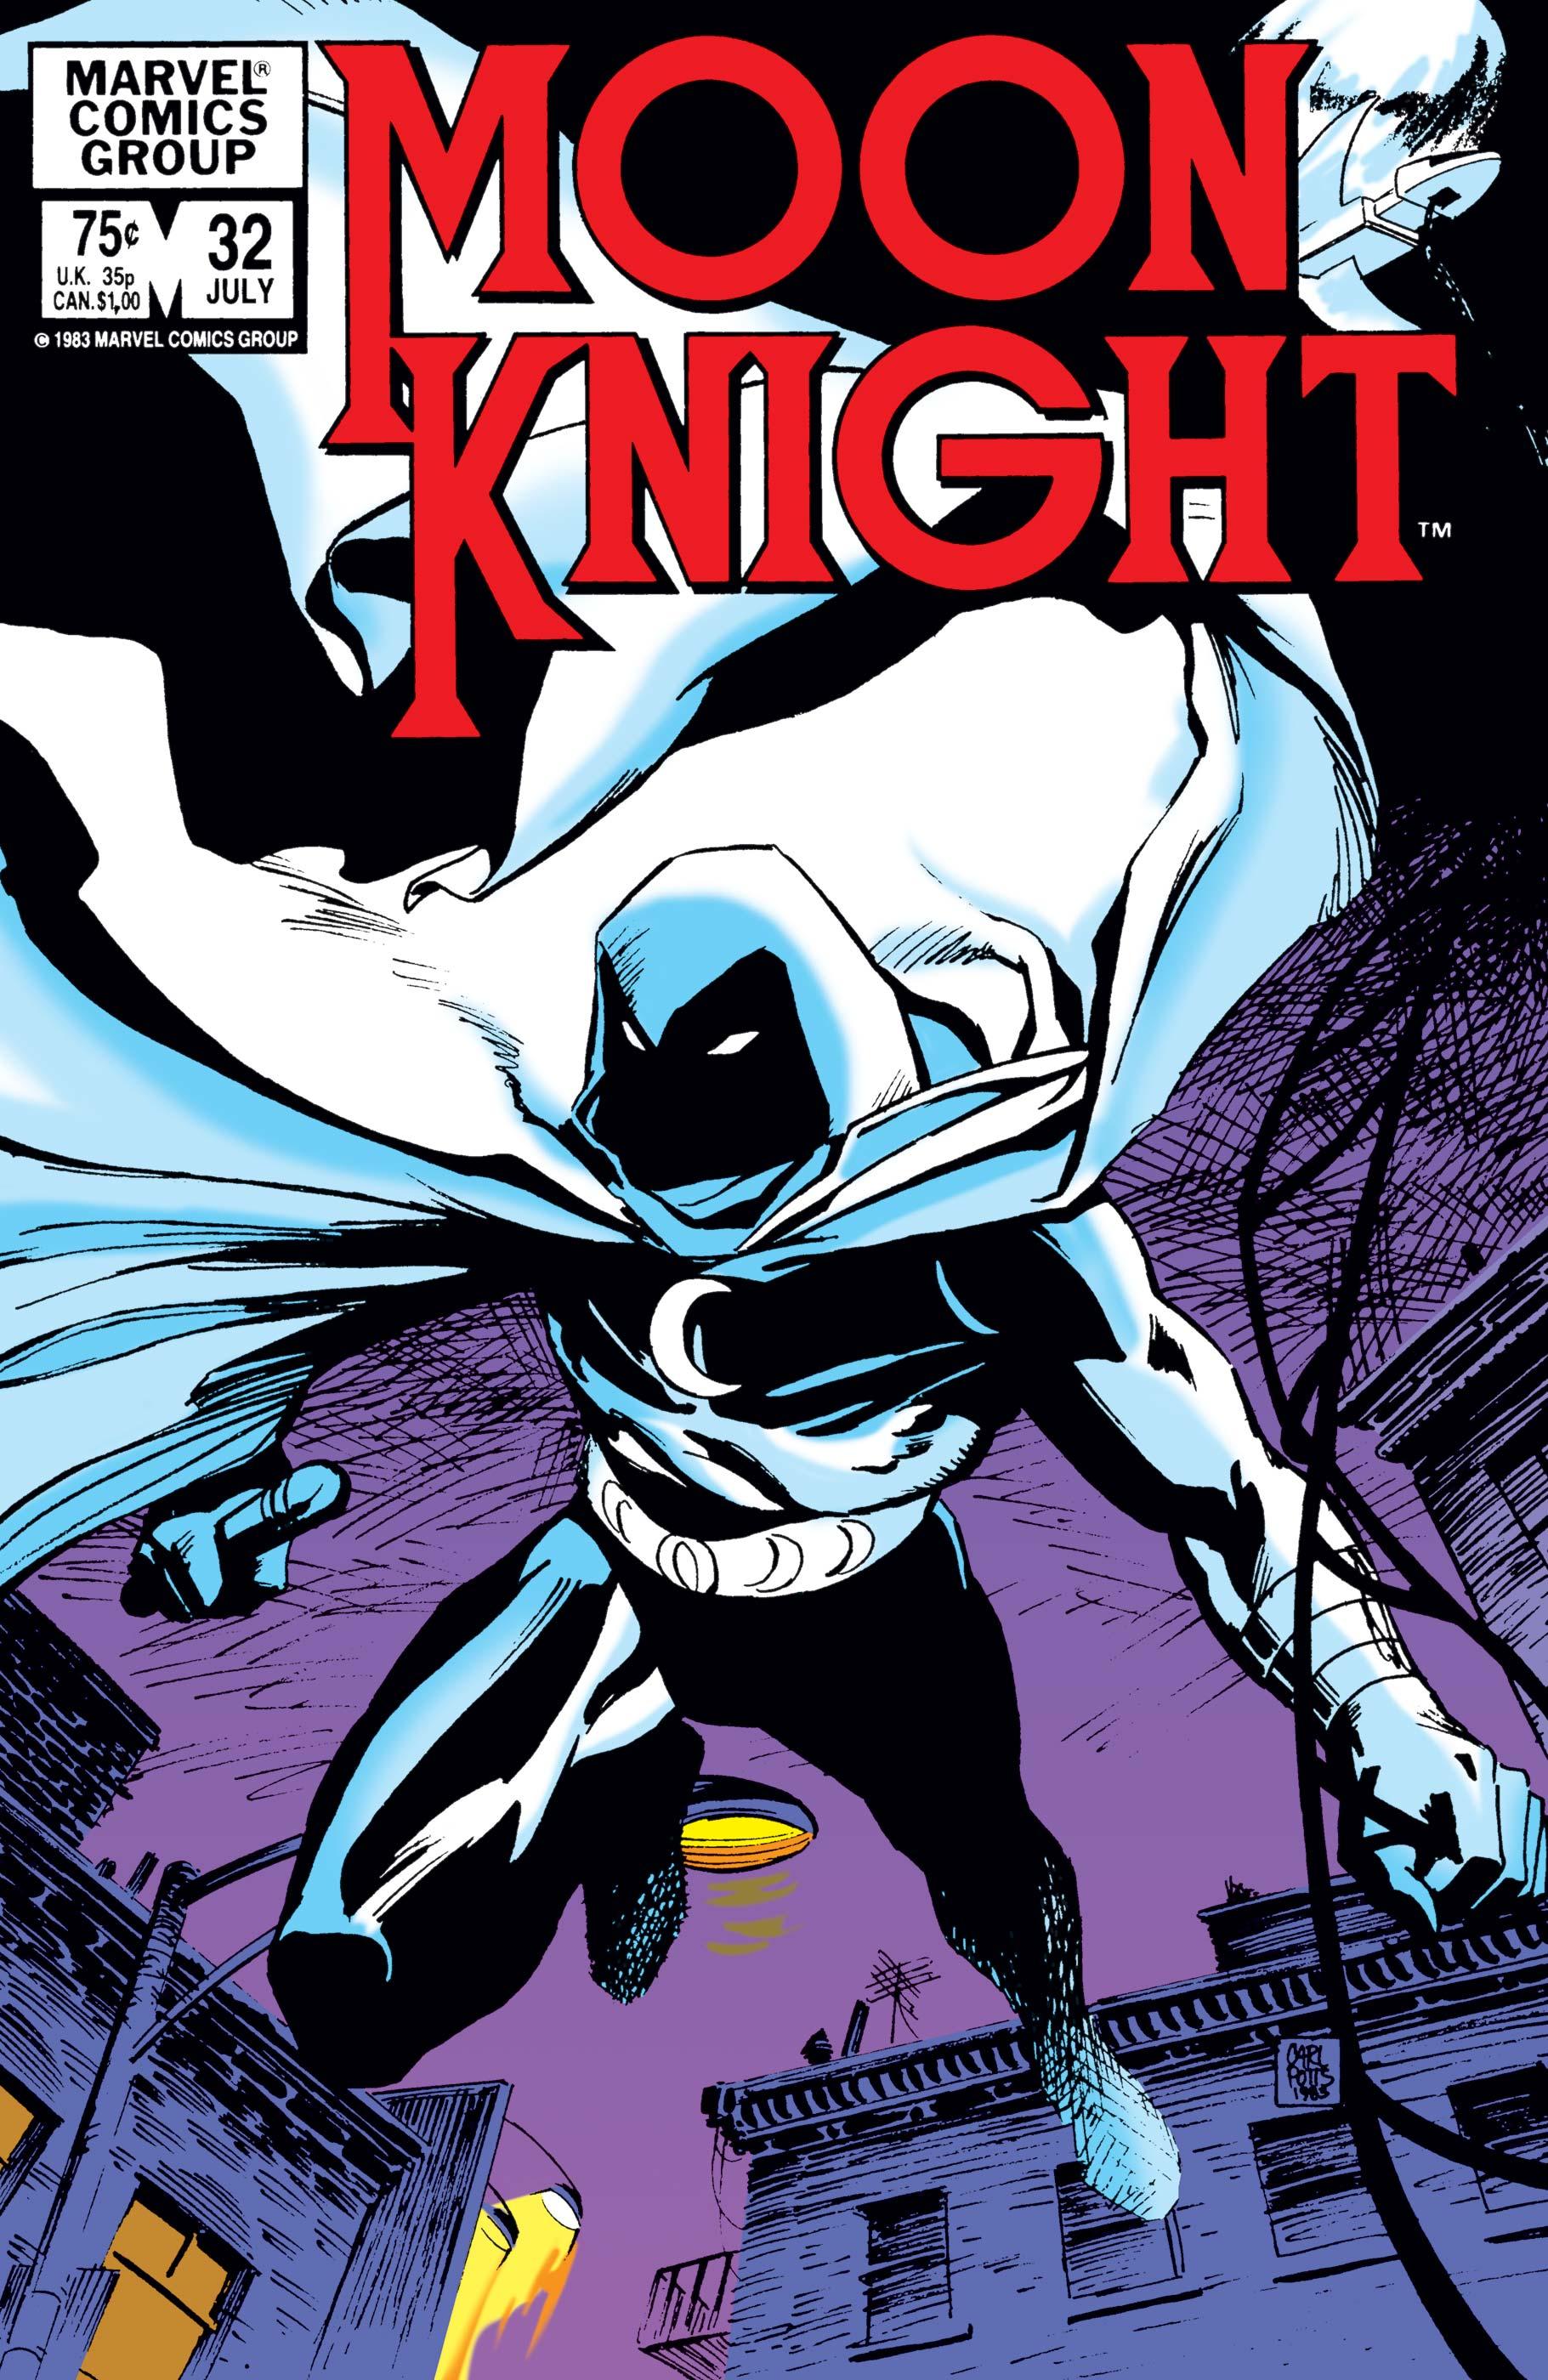 Moon Knight (1980) #32